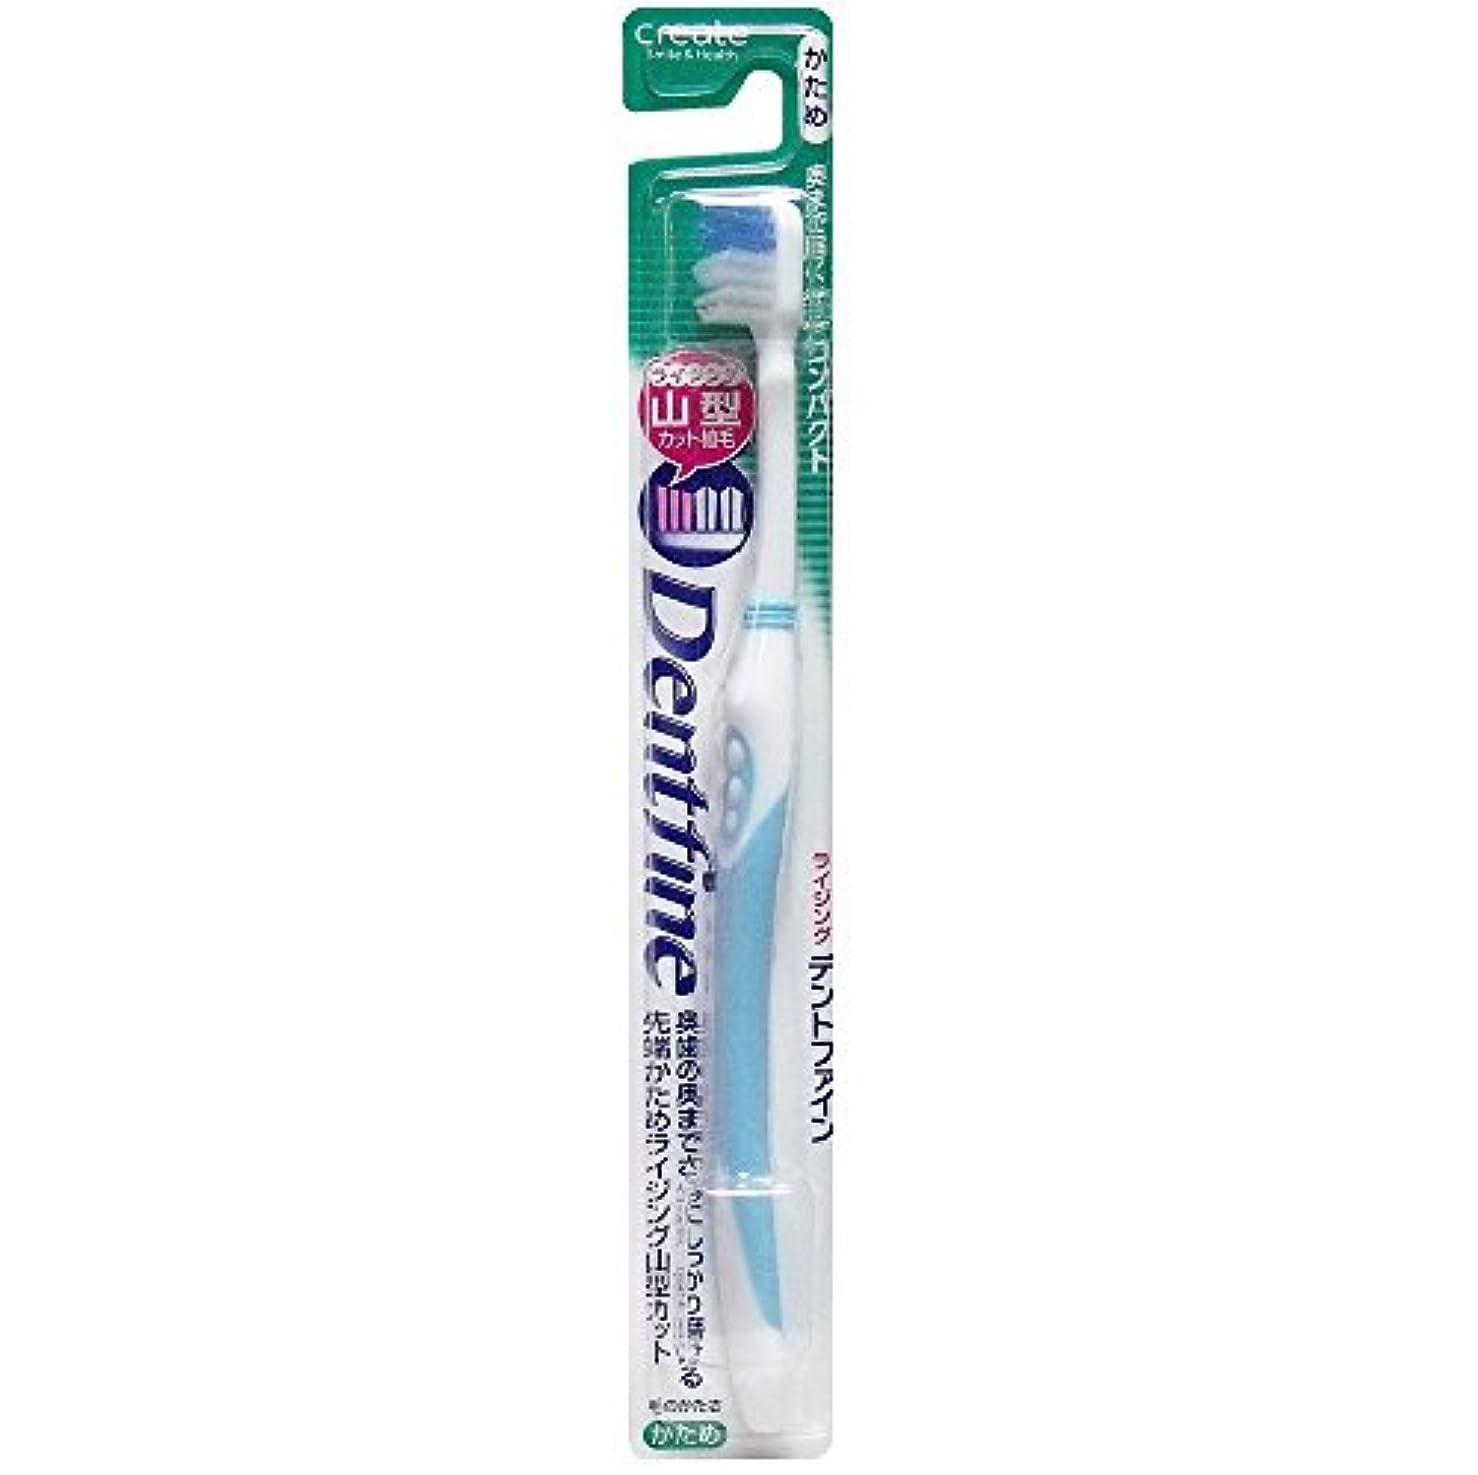 賛美歌チャップのぞき穴デントファイン ピュアスタイル 山切りカット 歯ブラシ かため 1本:ブルー